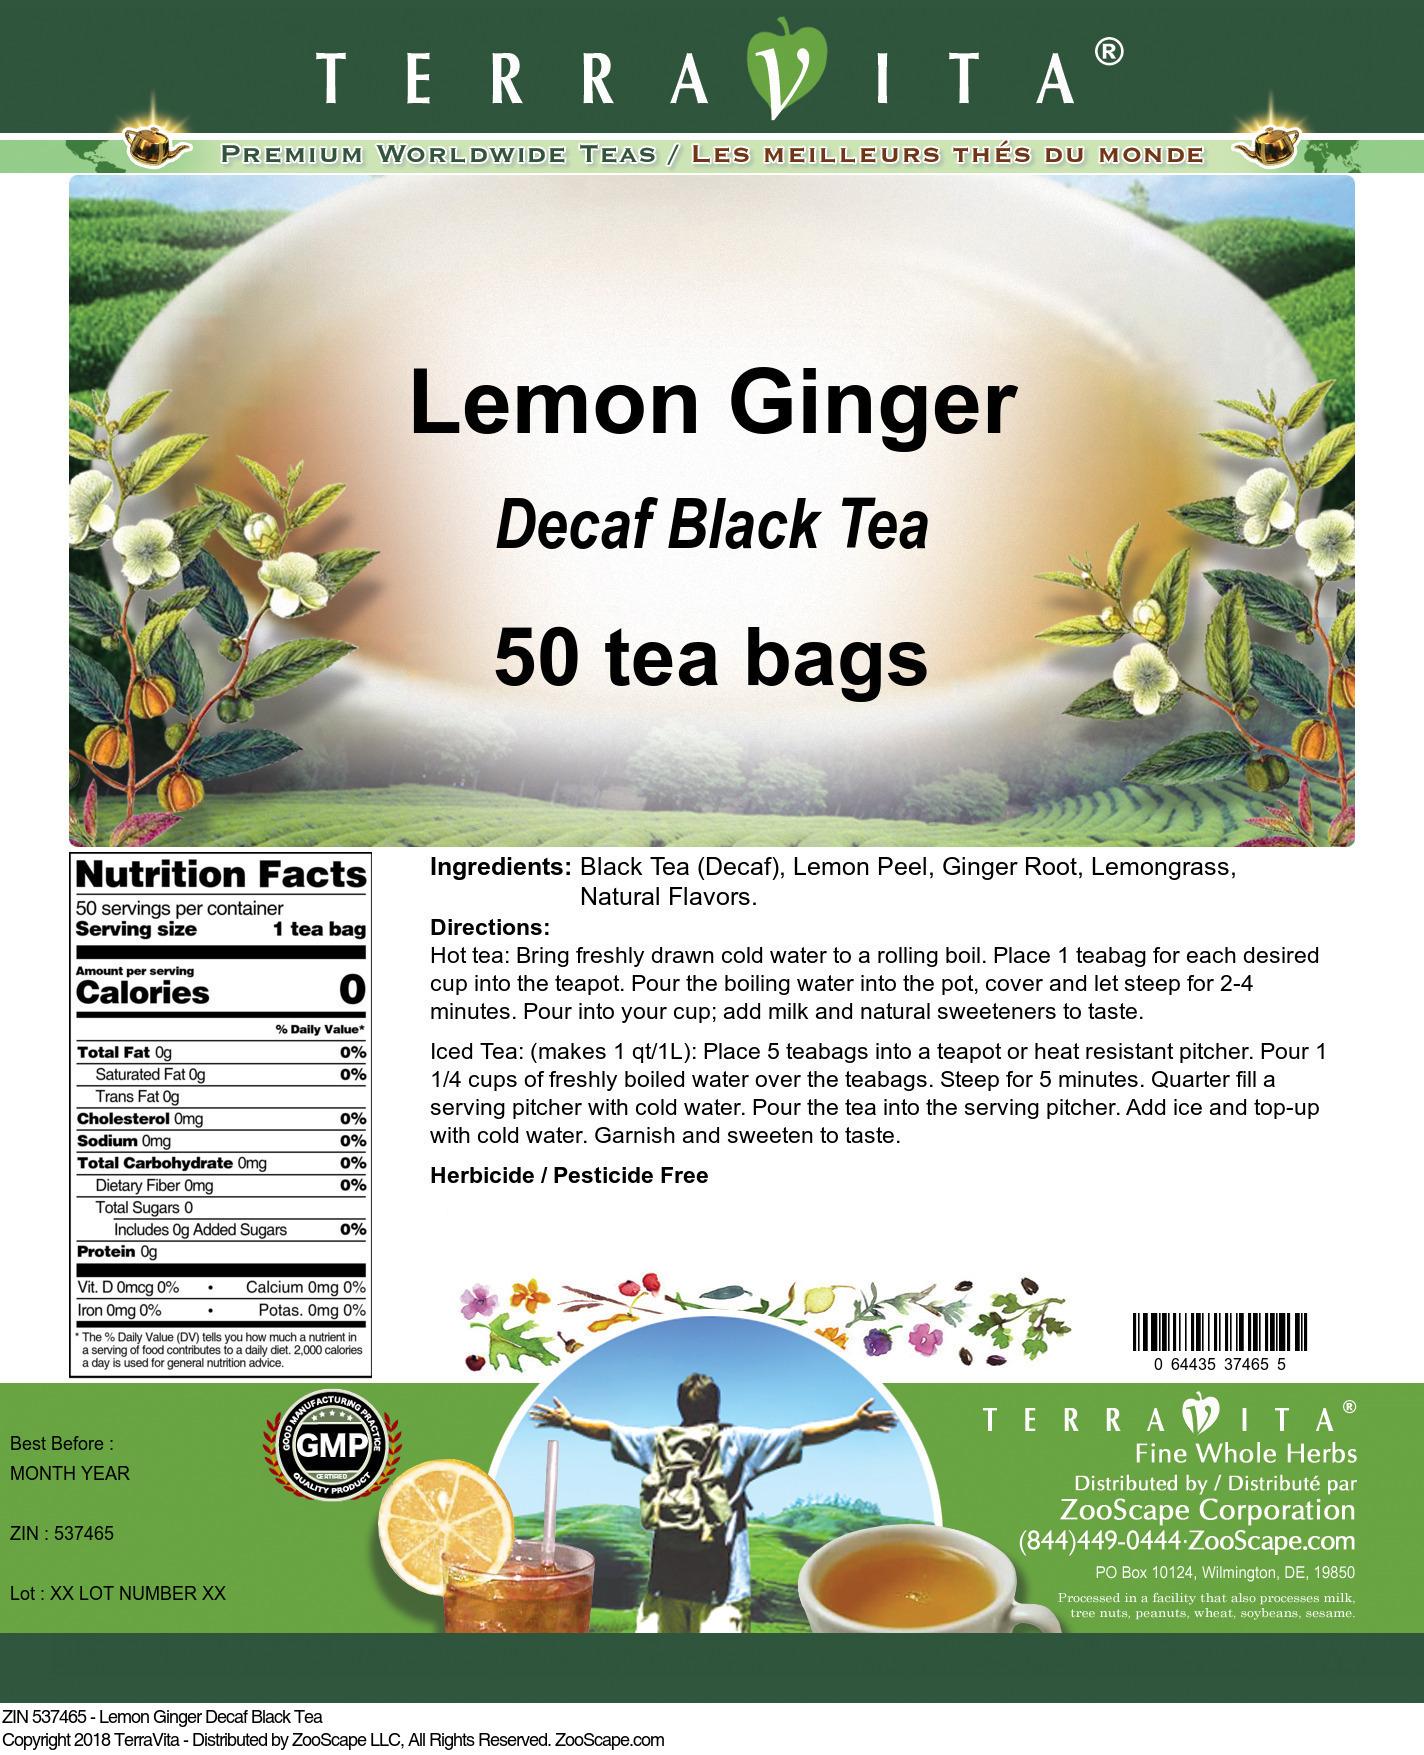 Lemon Ginger Decaf Black Tea